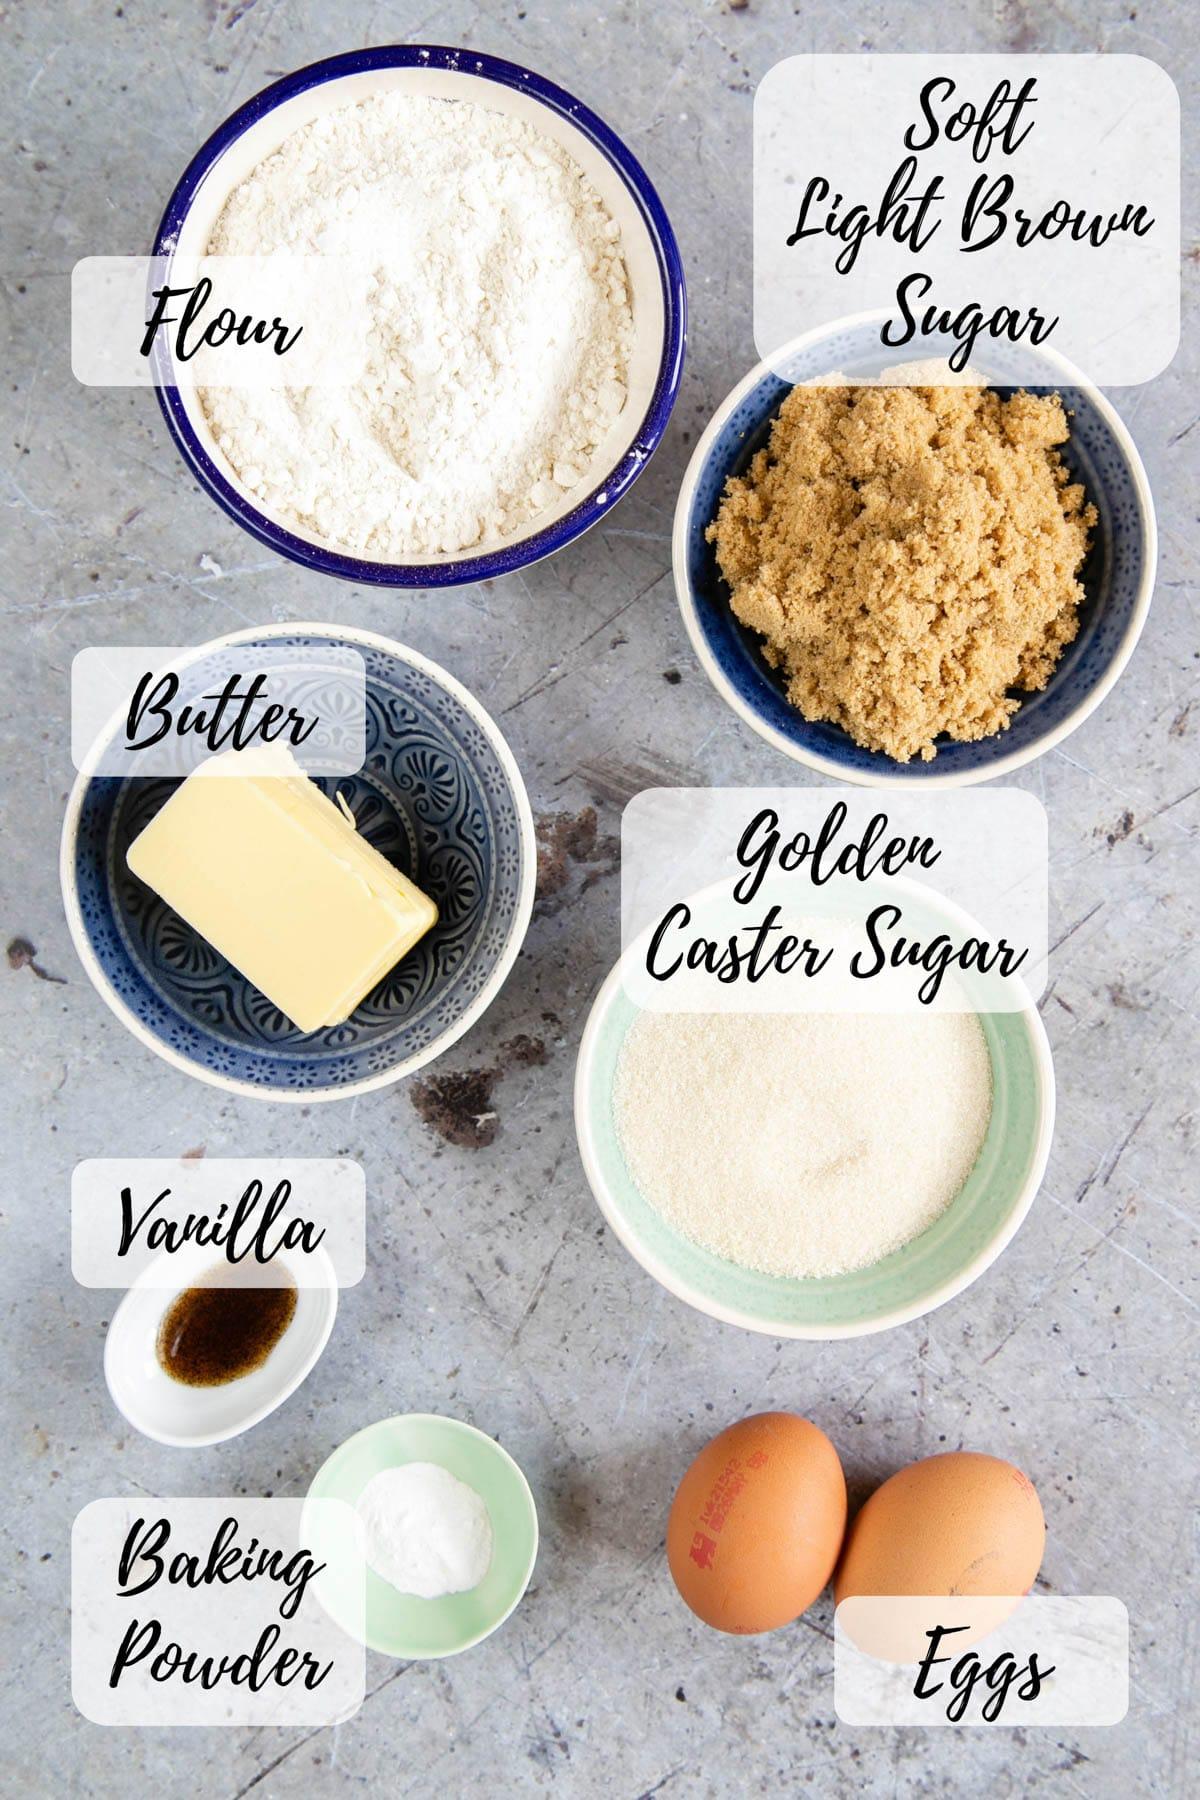 Ingredients: flour, soft brown sugar, golden caster sugar, butter, vanilla essence, baking powder, eggs.